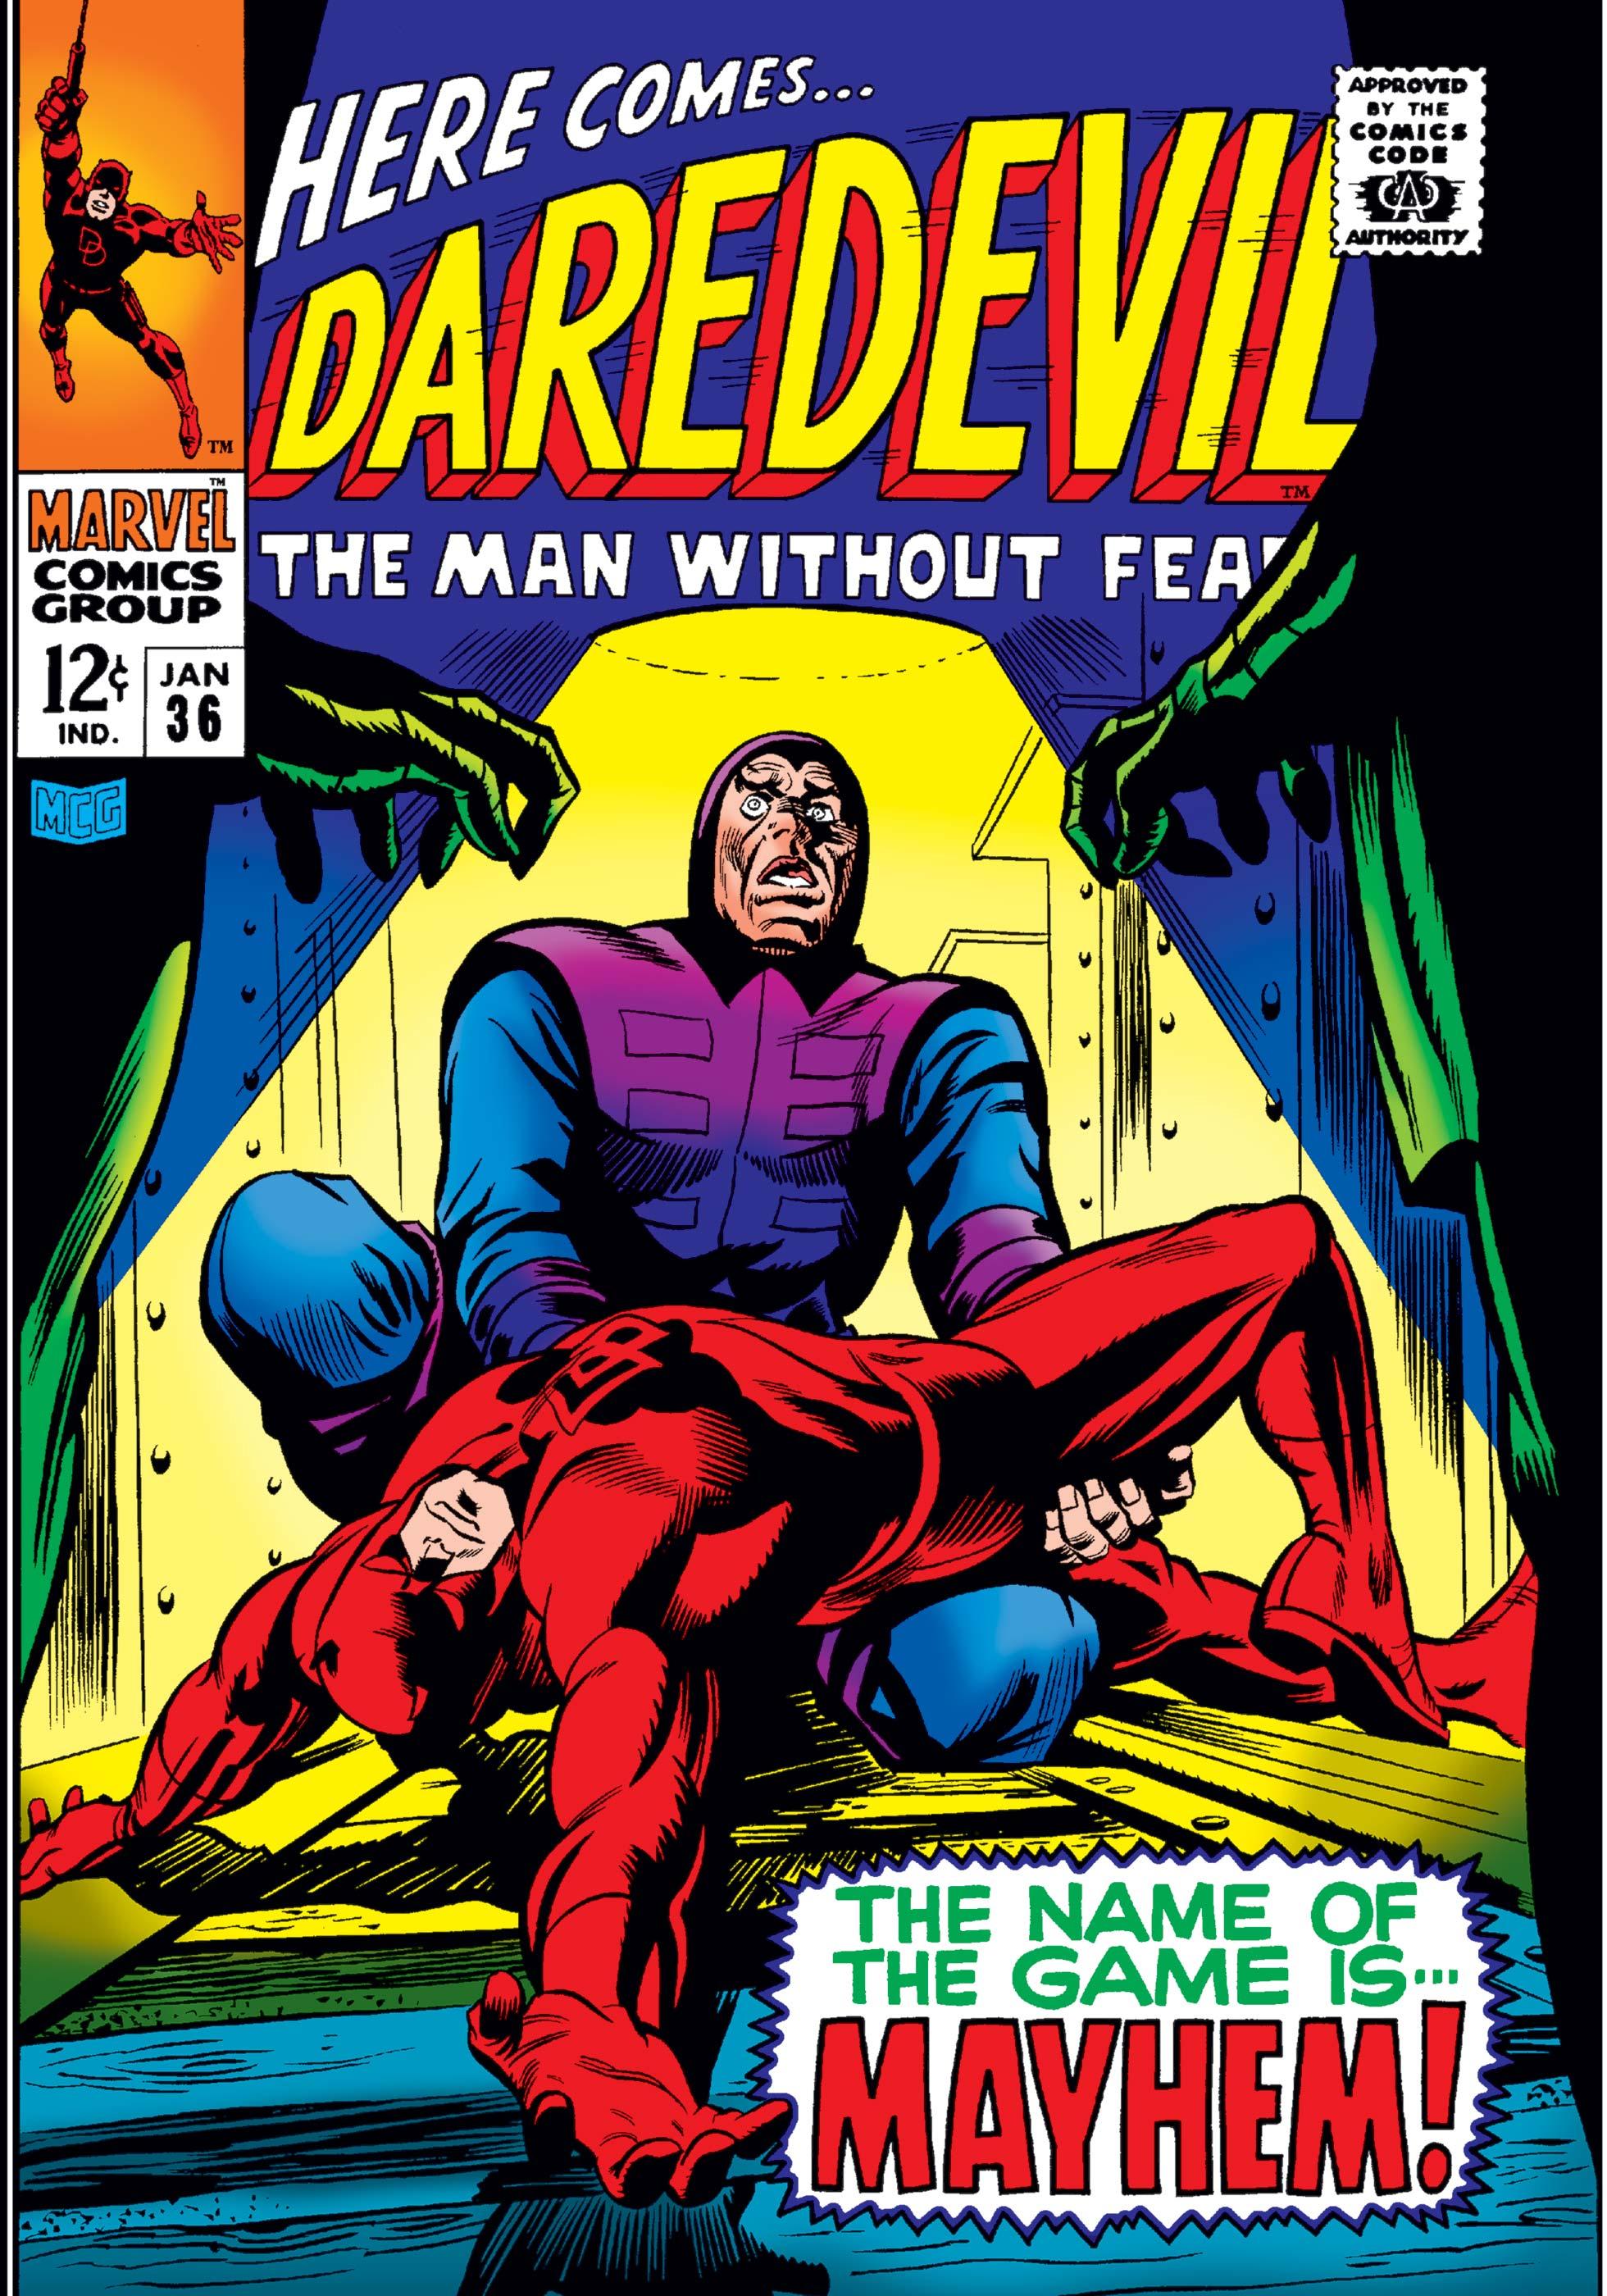 Daredevil (1964) #36